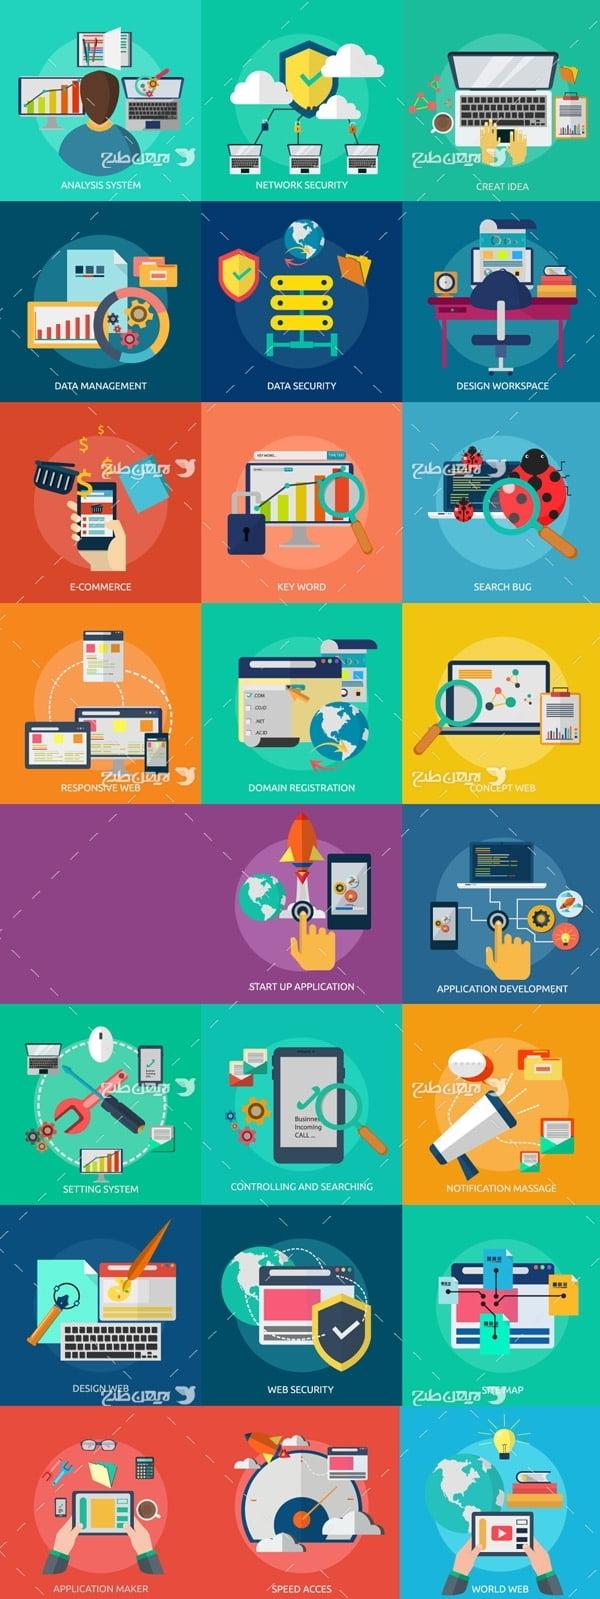 طرح وکتور فلت با موضوع برنامه نویسی وب